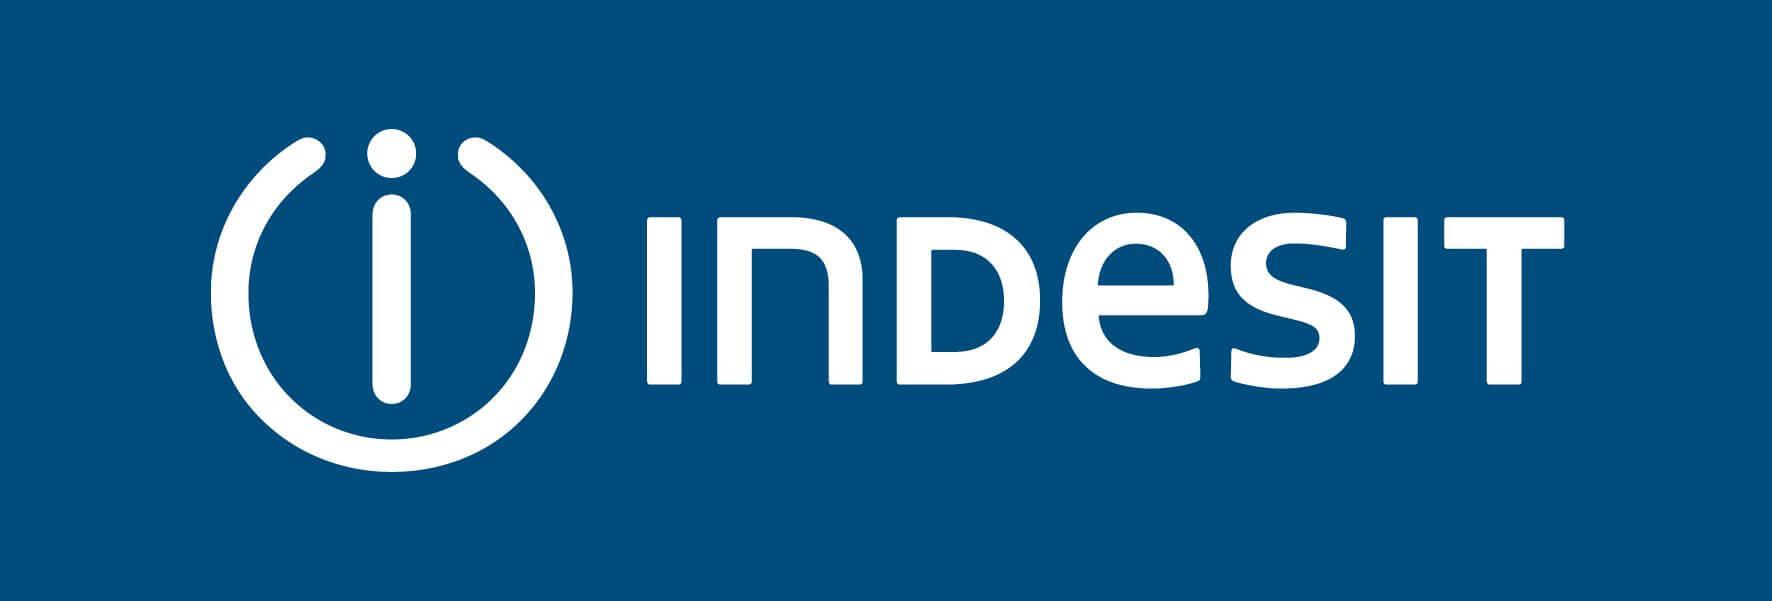 Официальный логотип бренда Индезит